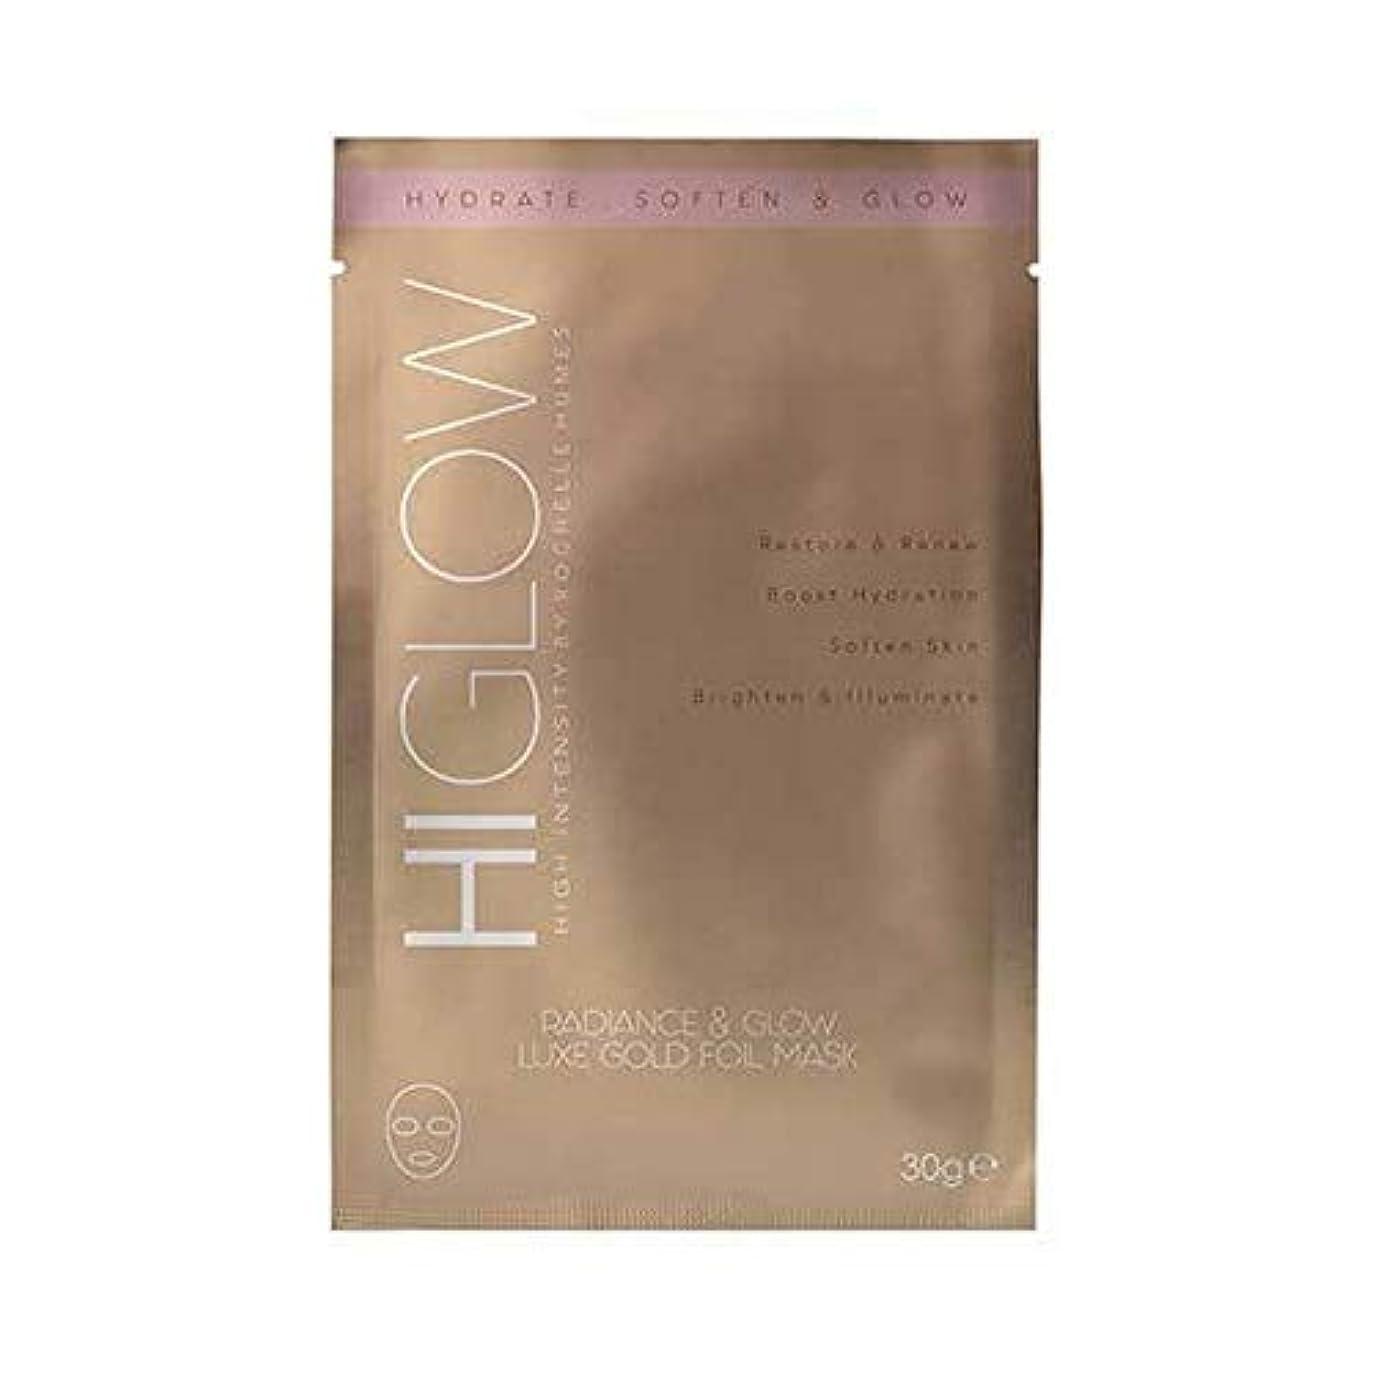 メルボルン鉱石到着[HIGlow] 高強度の輝きをHiglow&デラックス金箔Mask30Gグロー - HIGlow High Intensity Radiance & Glow Luxe Gold Foil Mask30g [並行輸入品]